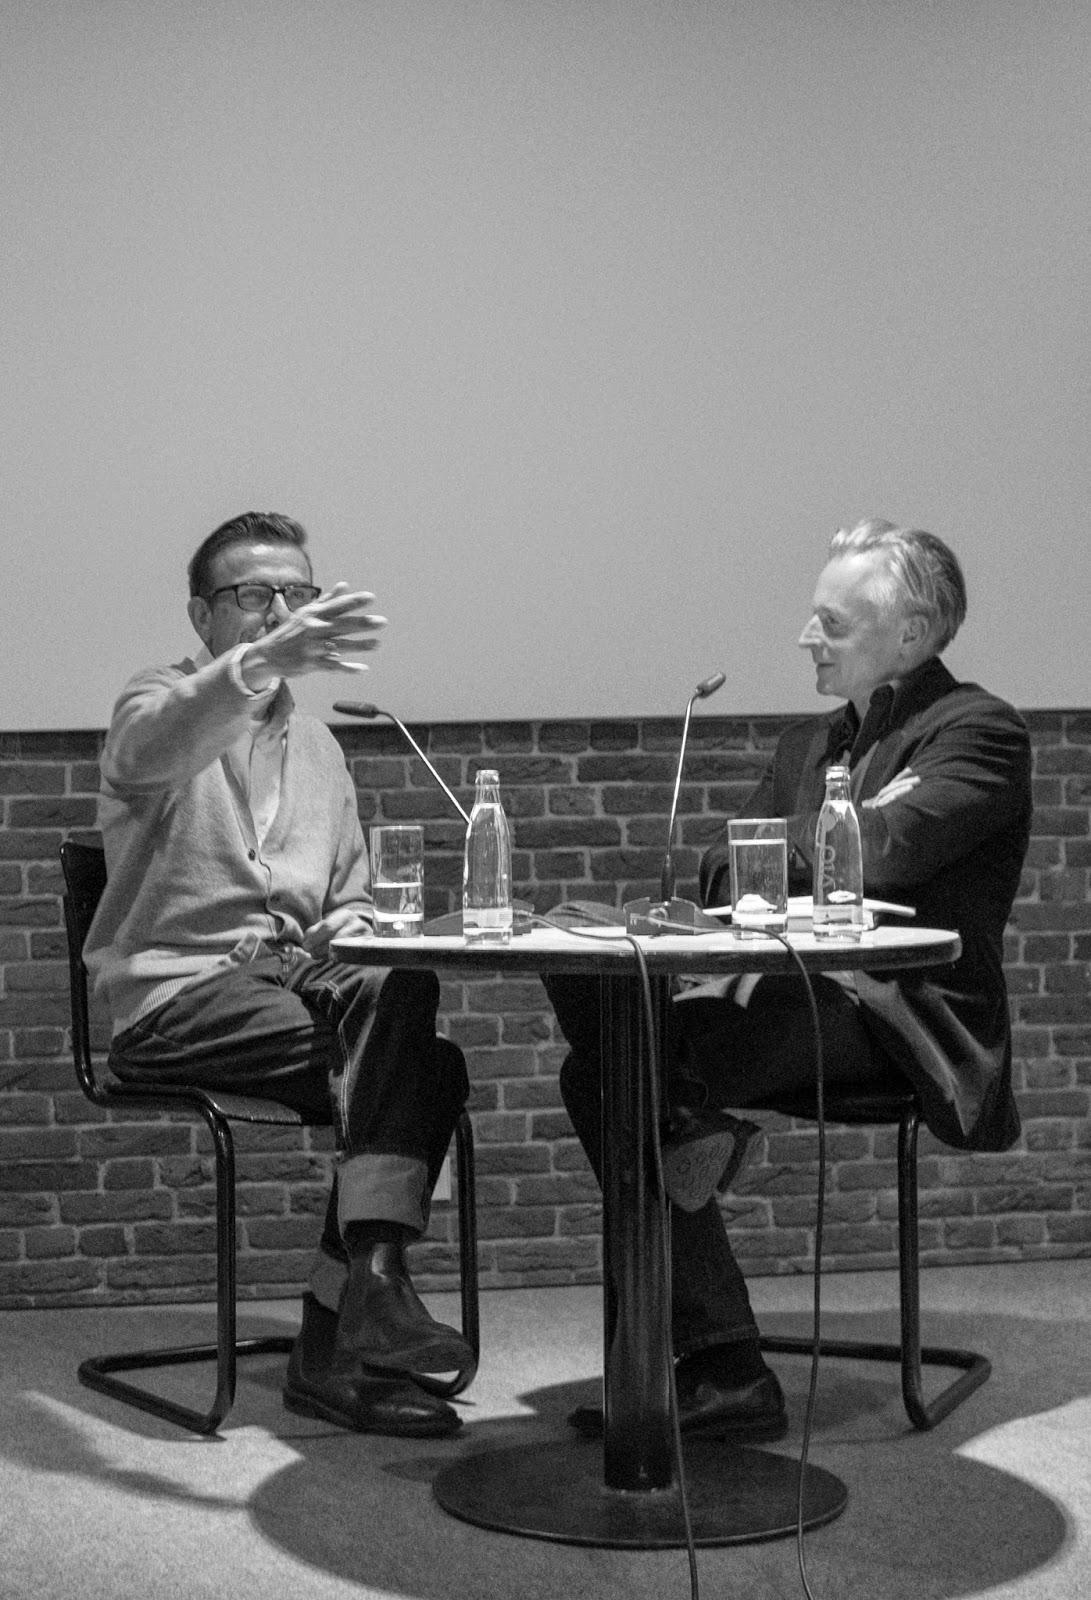 Akademie der Künste - artist talk: Marcel Odenbach with Olaf Stüber